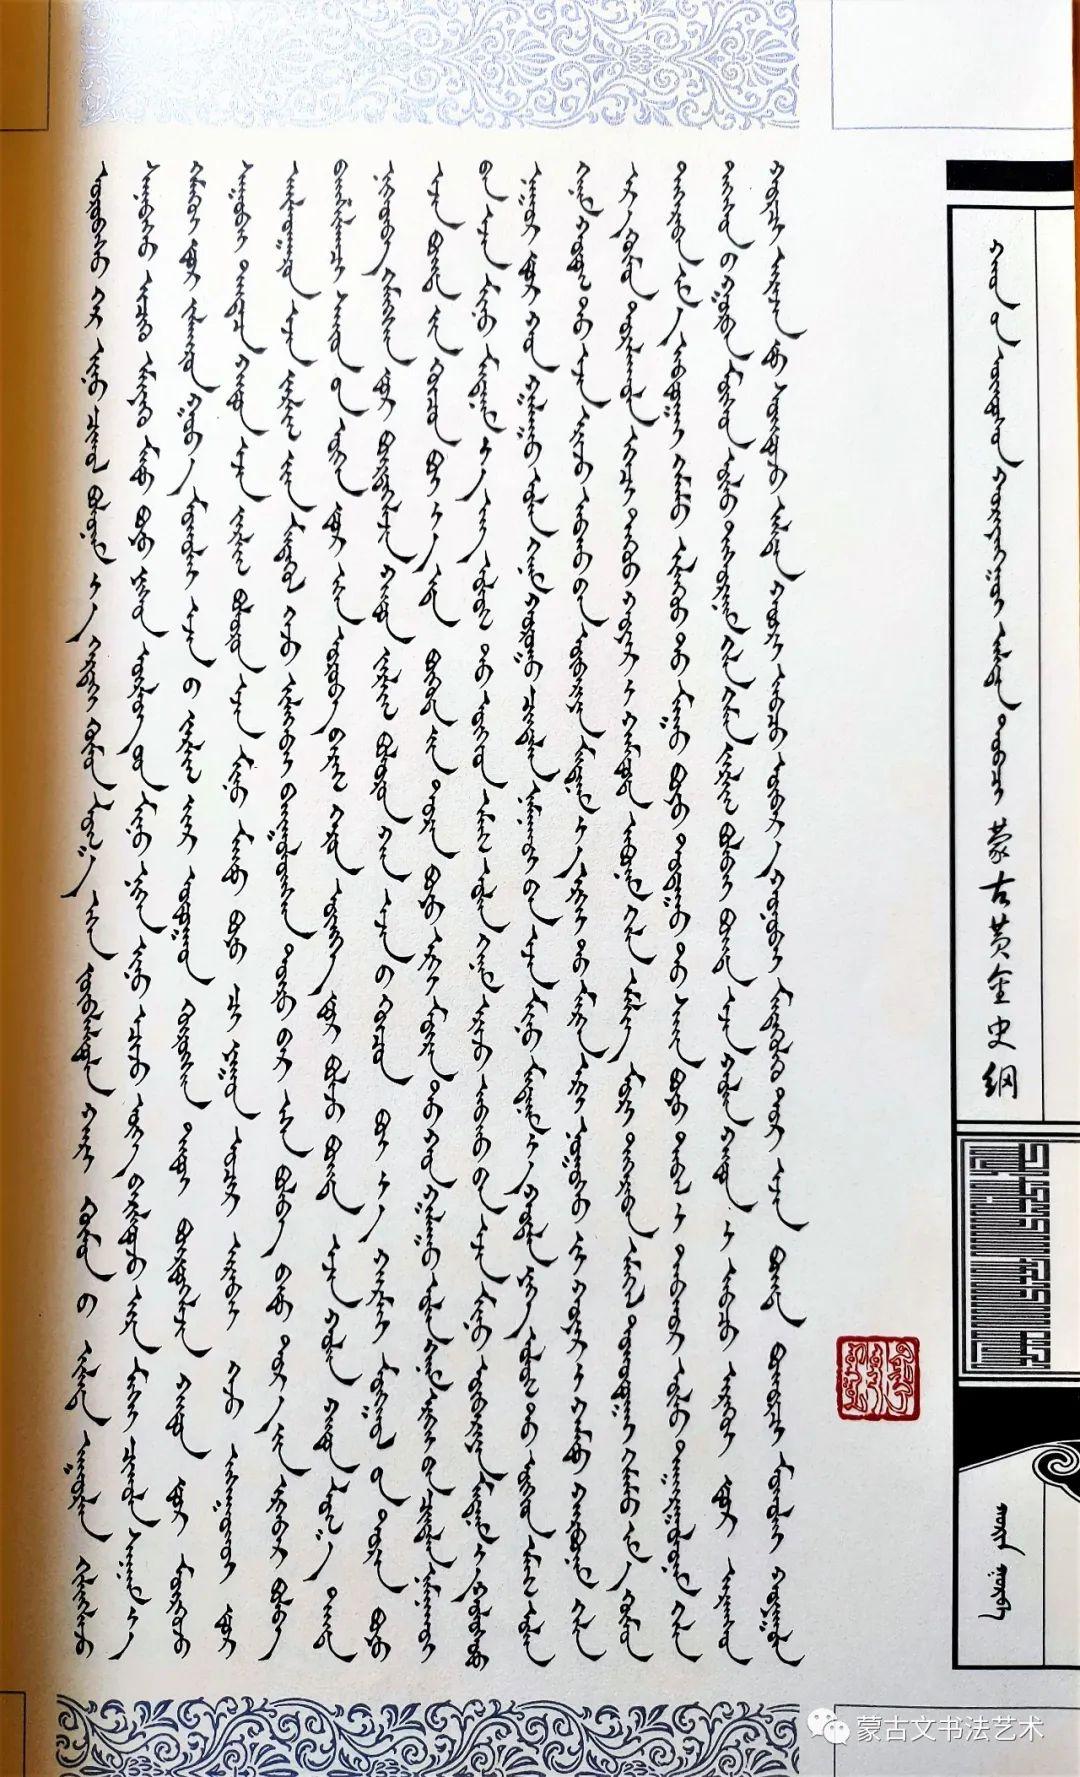 蒙古文经典文献当代书法名家手抄本之那顺德力格尔《蒙古黄金史纲》 第9张